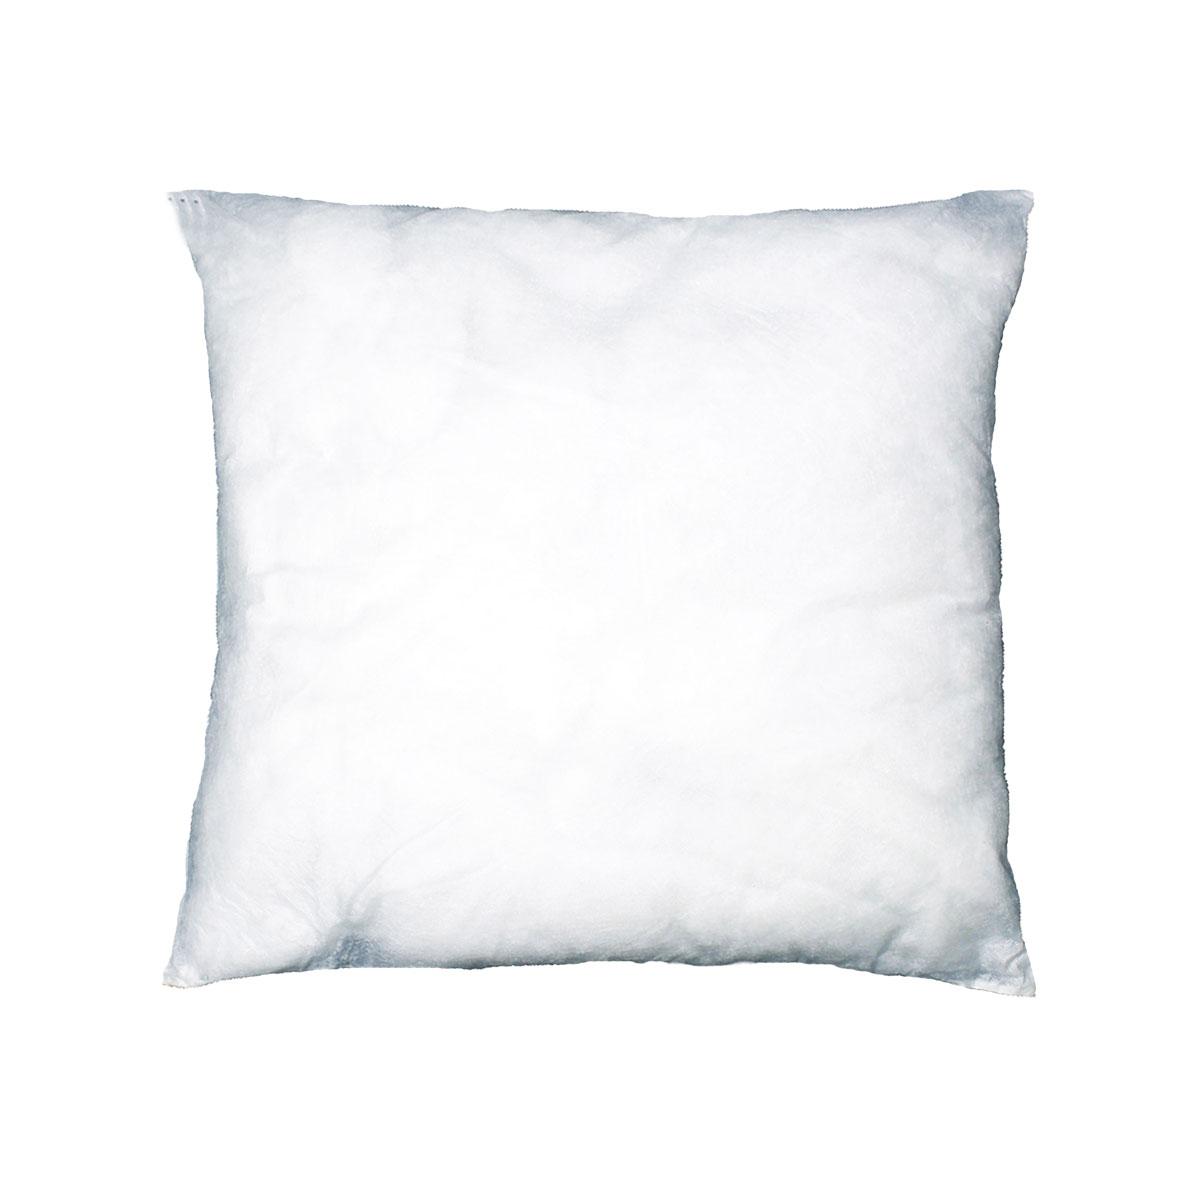 Coussin de garnissage en coloris blanc polyester blanc 60x60